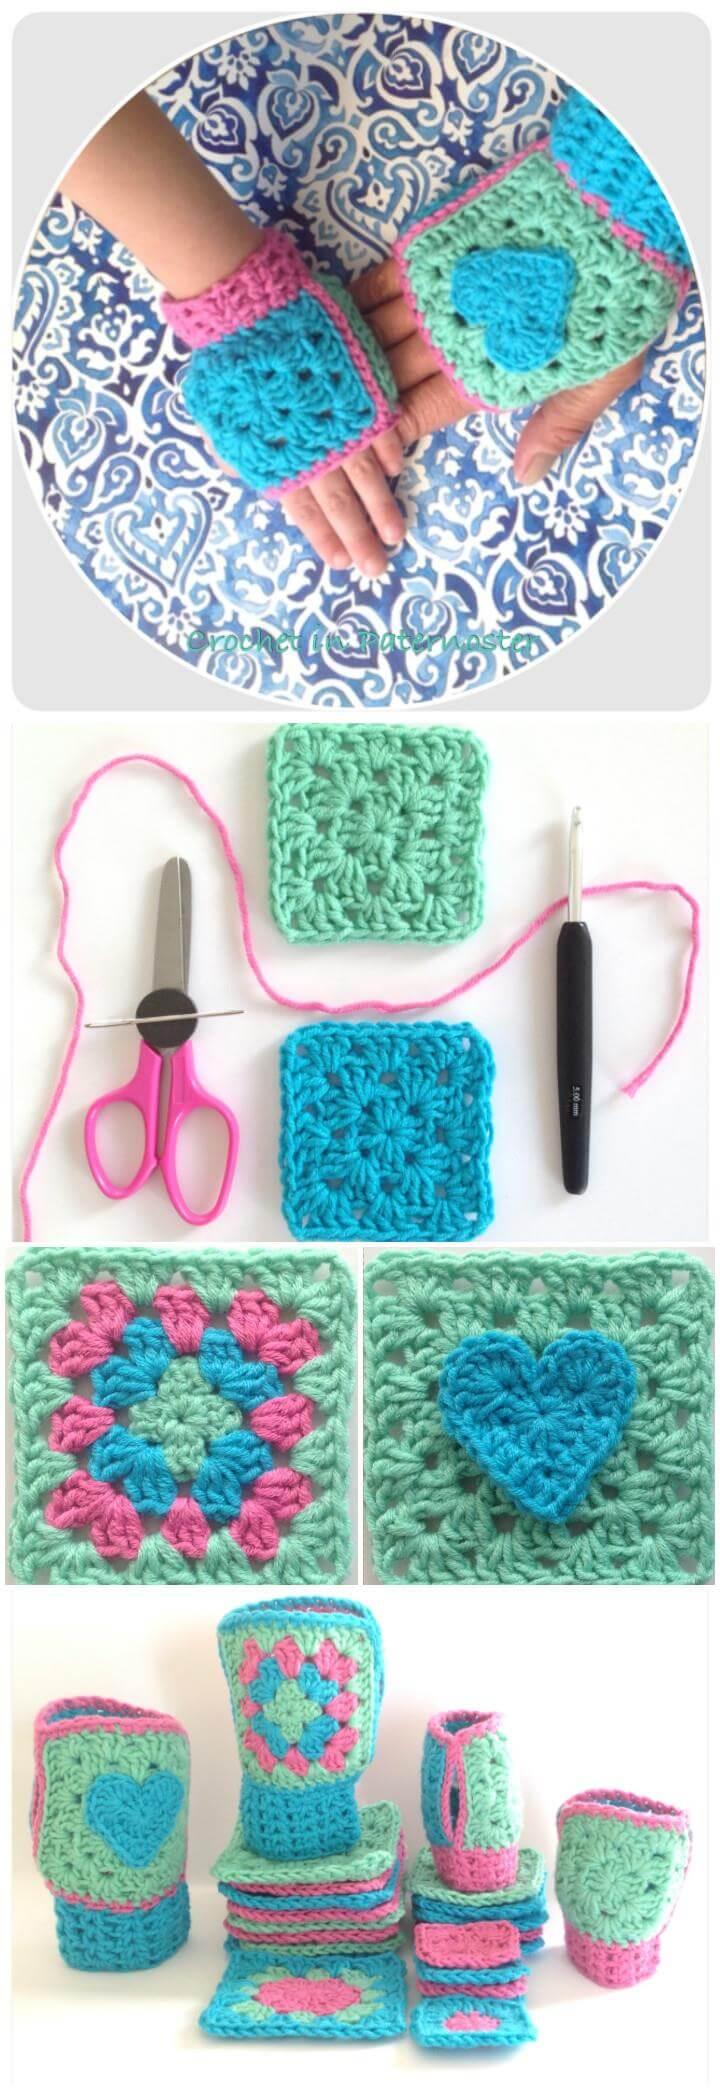 easy crochet boho granny square fingerless gloves